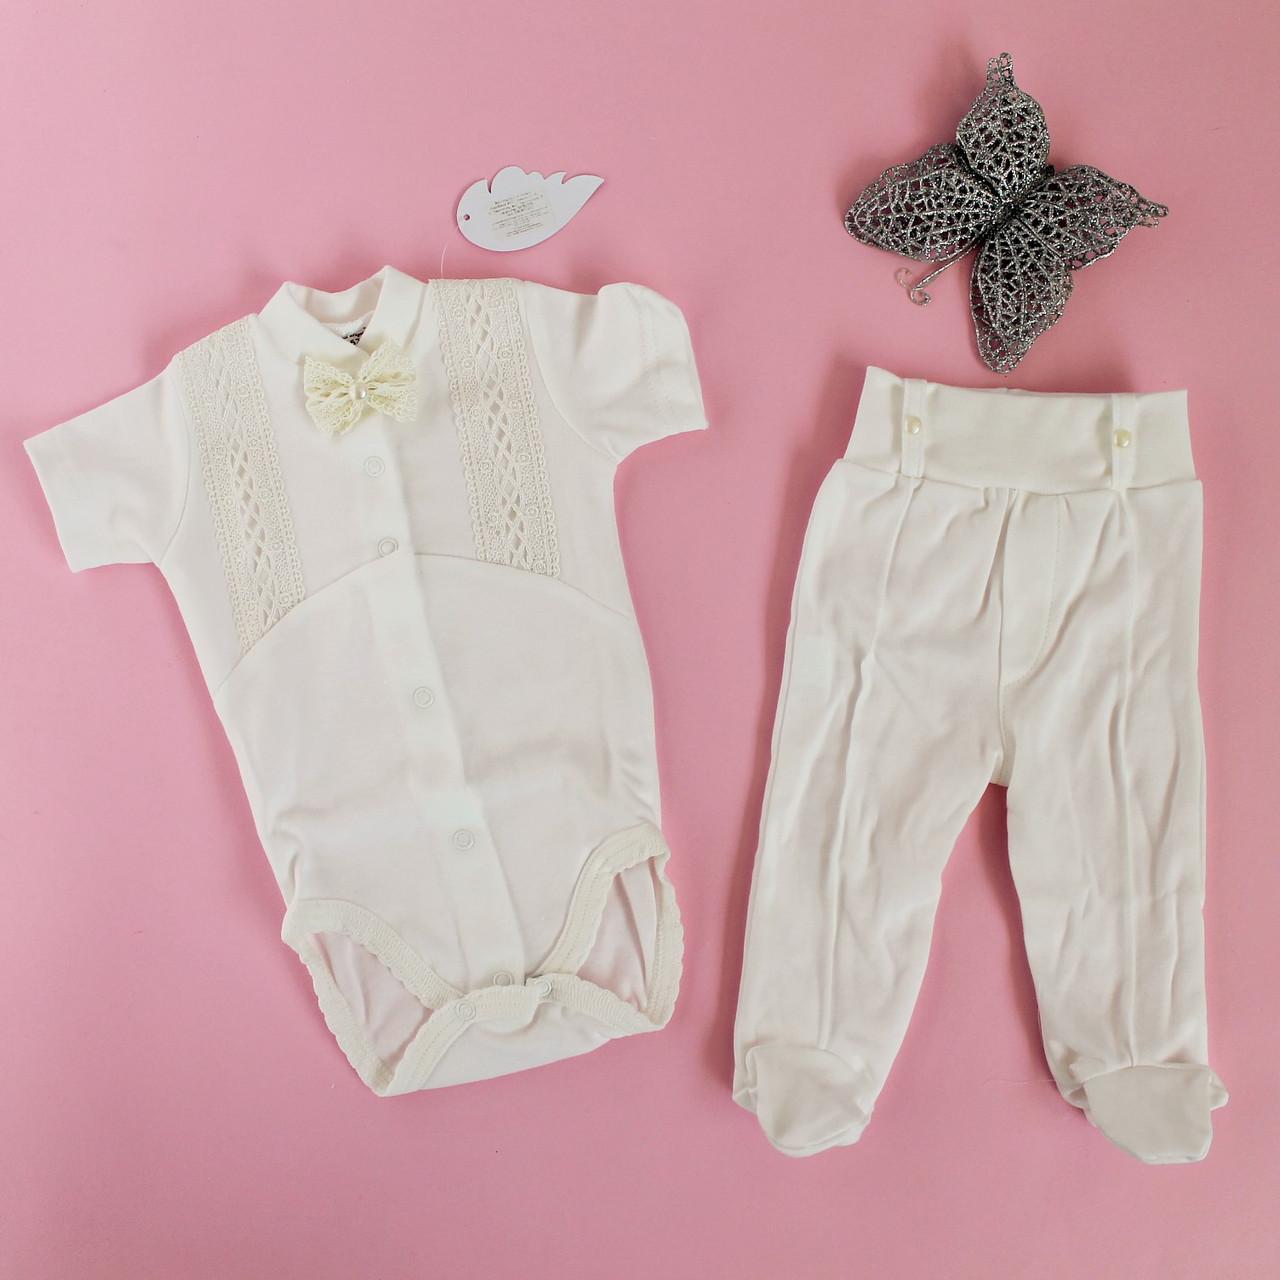 d8be0bcc471b1 Купить Детская одежда для новорожденных в наборе Орхидея в Киеве ...